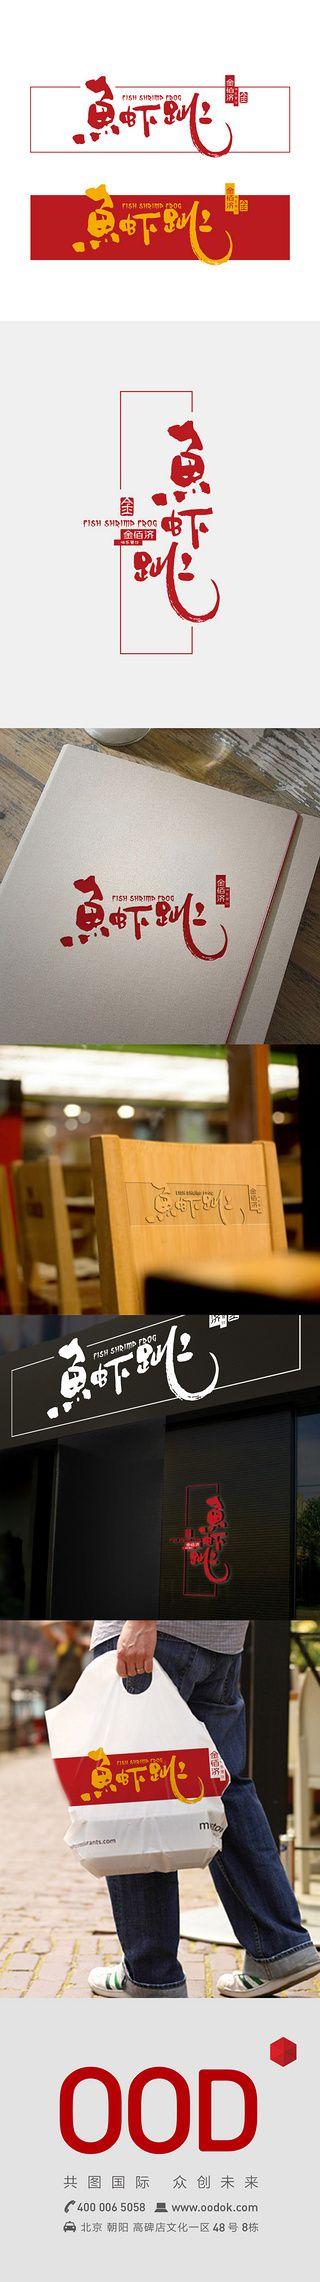 喜宴楼品牌标志设计应用 @张家佳设计采集到原创画板(133图)_花瓣平面设计